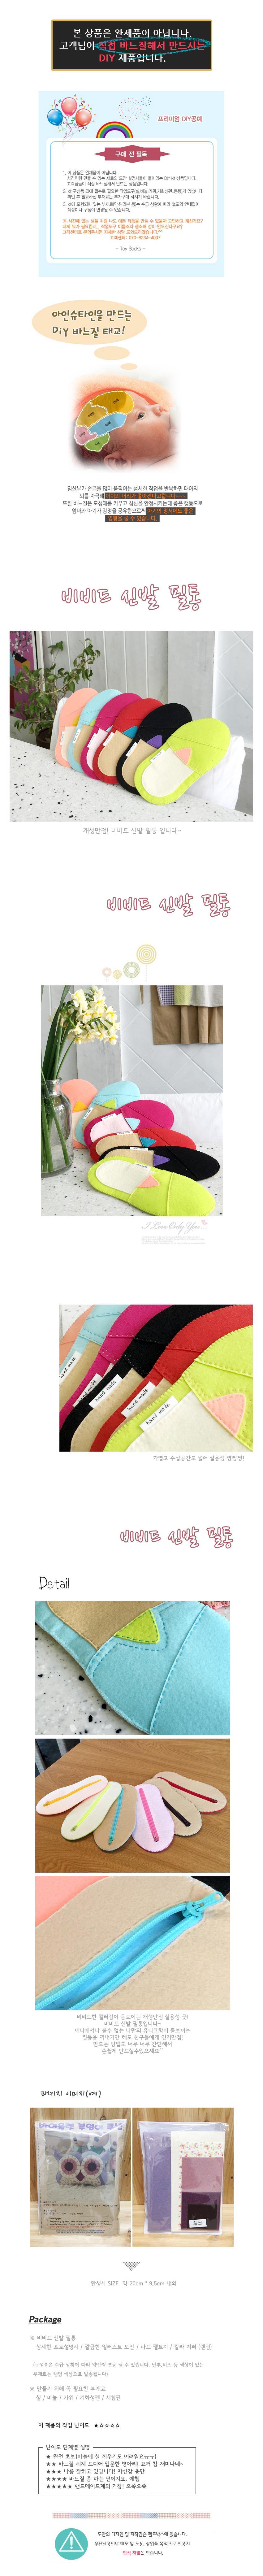 비비드 신발 필통 펠트만들기 - 펠트박스, 2,500원, 펠트공예, 펠트인형 패키지